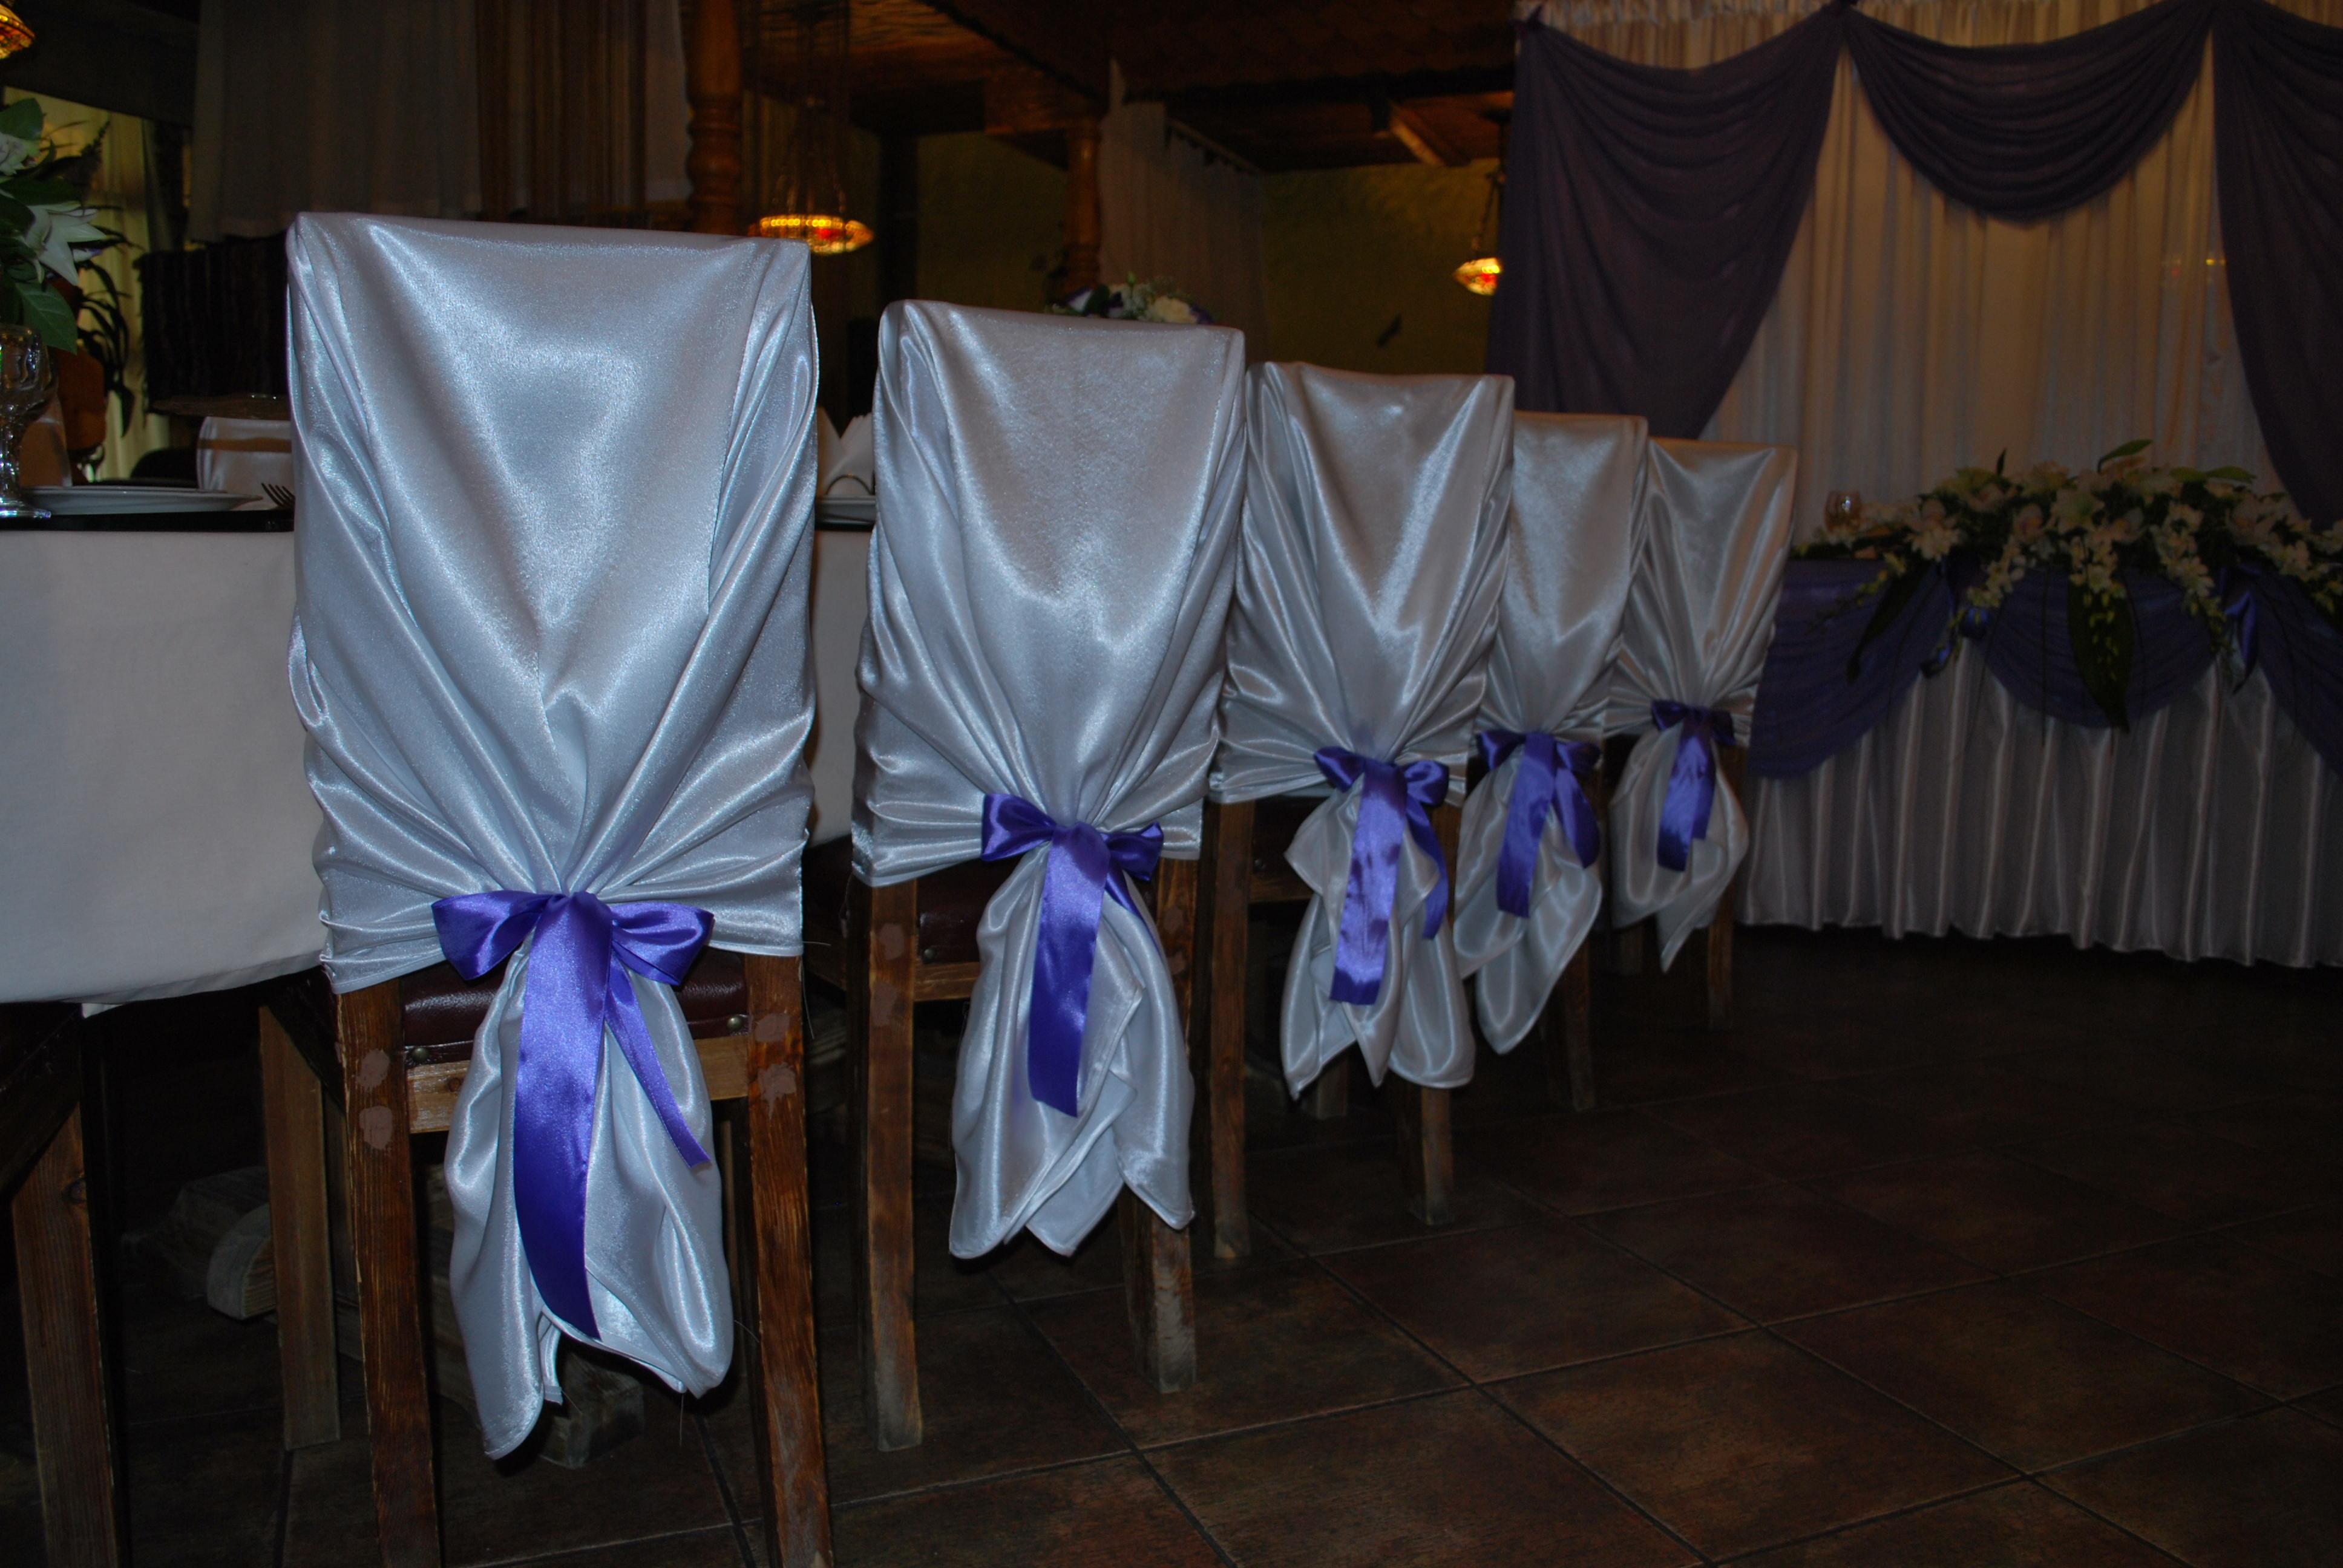 Выкройка универсальных свадебных чехлов на стулья фото 473